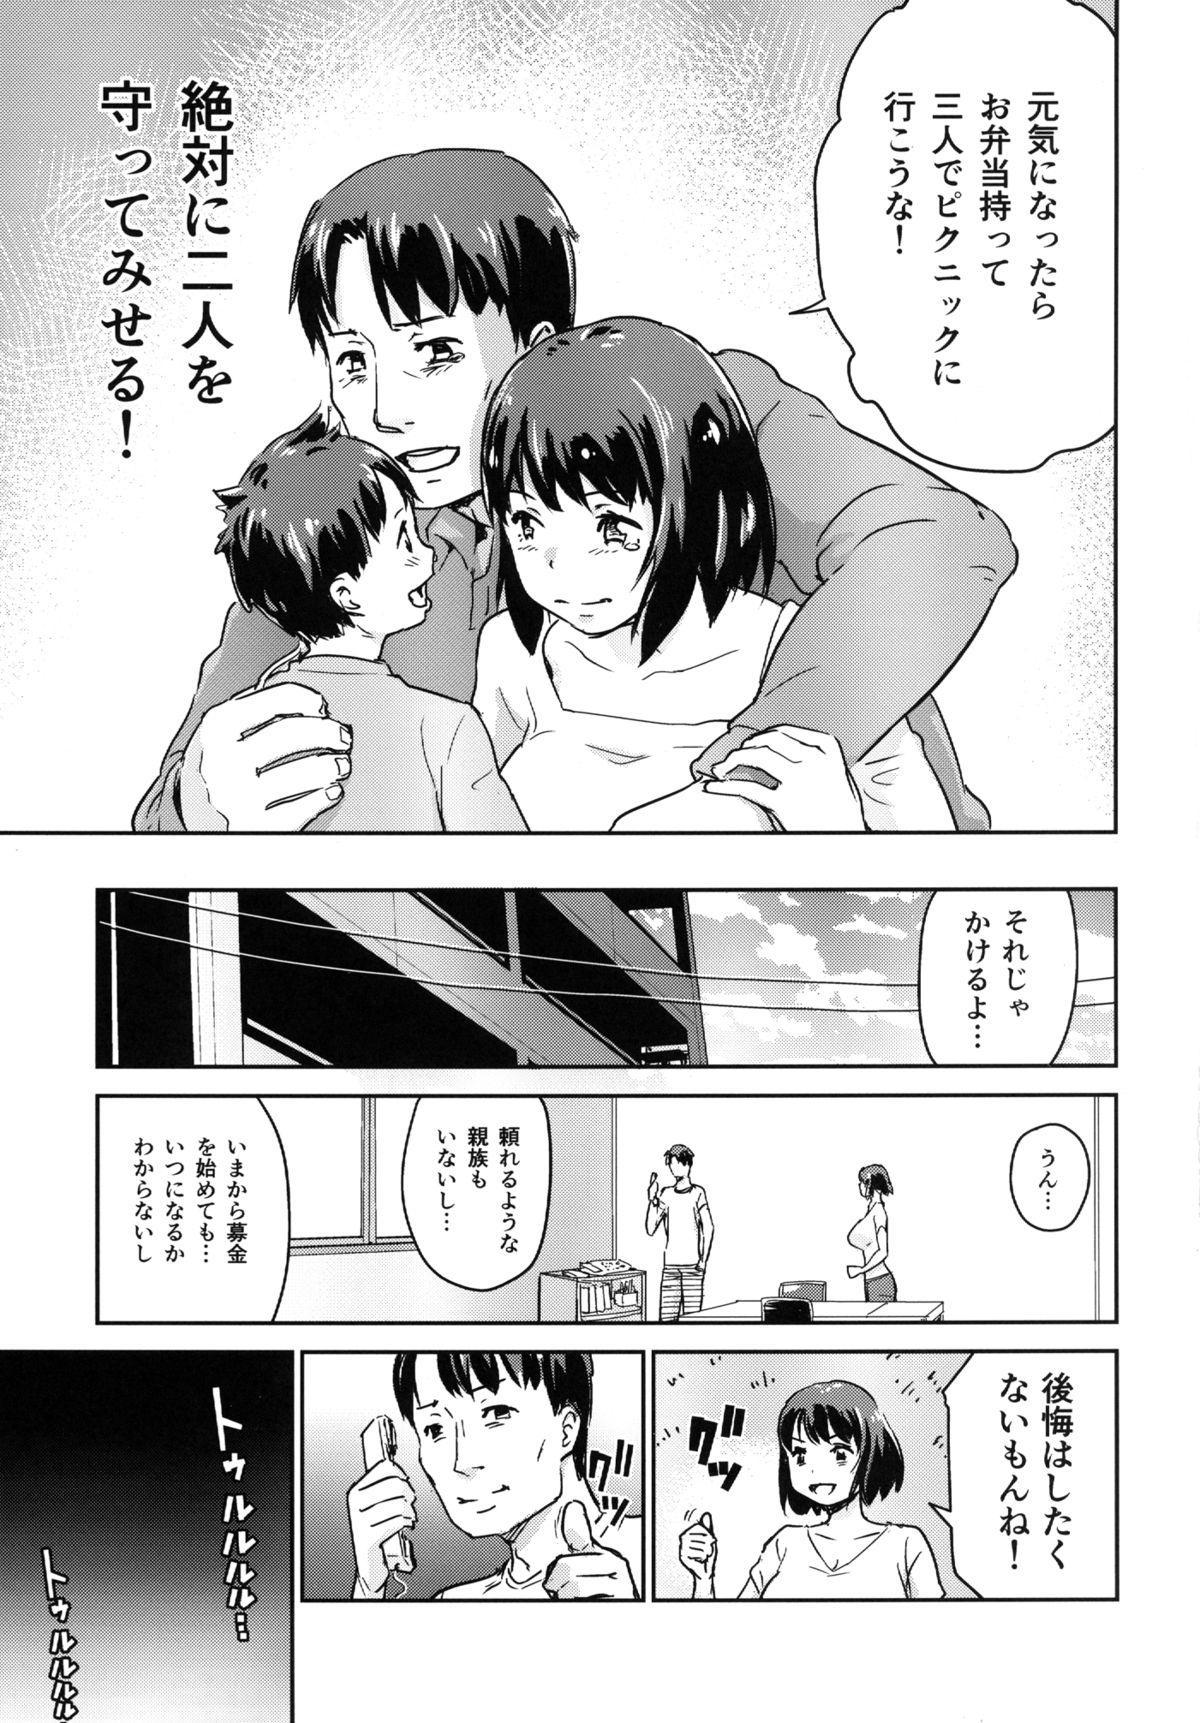 Hitozuma Kari - Kousoku Zecchou Sundome Game Nanbyou no Wagako no Chiryouhi no Tame Sono Mi wo Sashidasu Tsuma 13